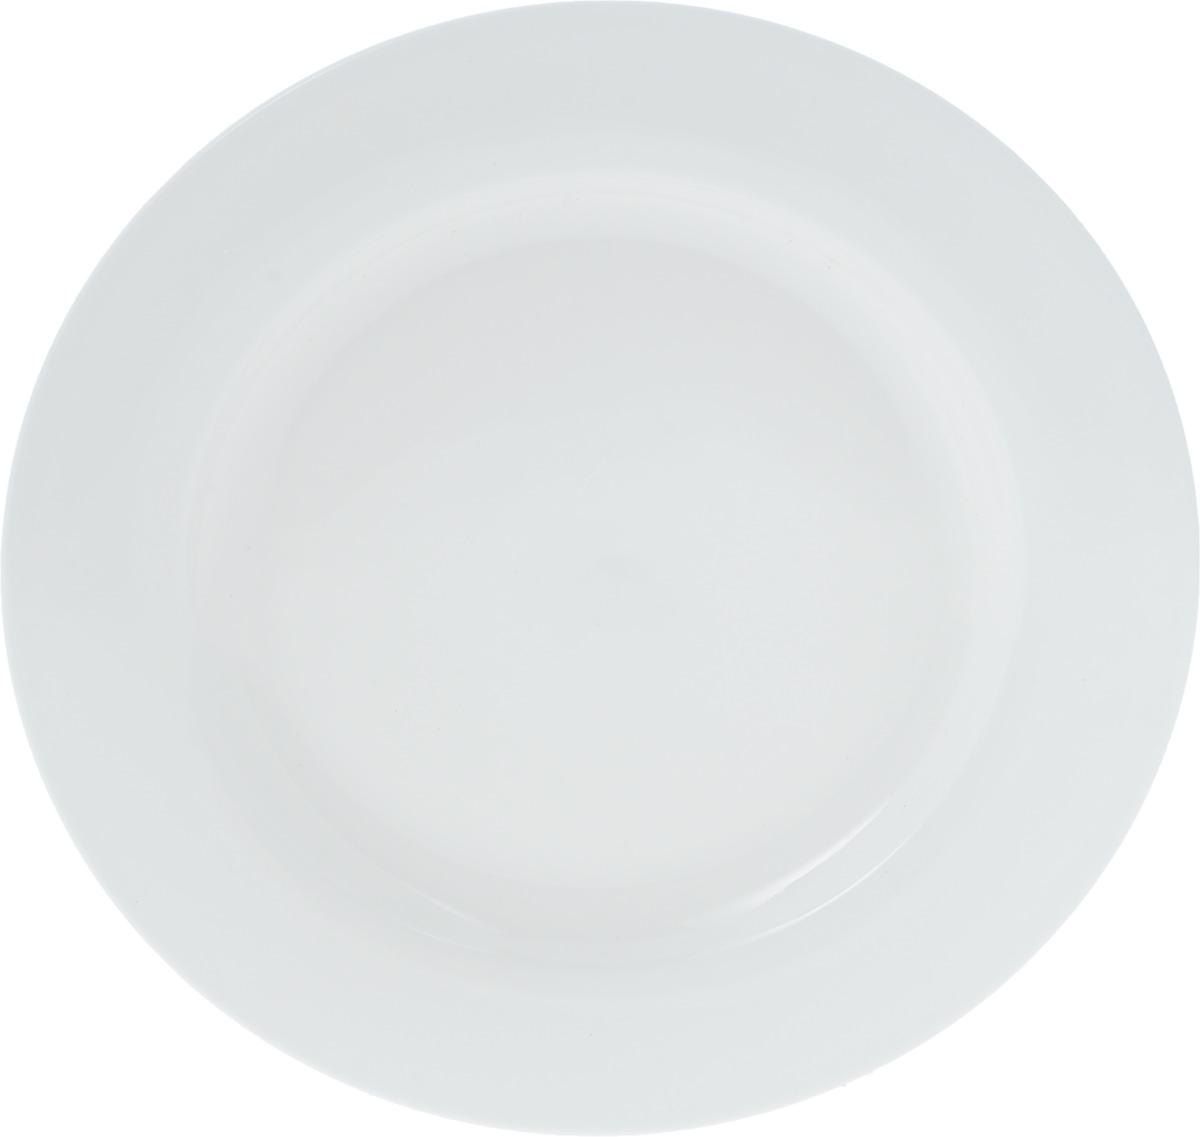 Тарелка Wilmax, диаметр 25,5 см. WL-991180 / AWL-991180 / AТарелка Wilmax, изготовленная из высококачественного фарфора, имеет классическую круглую форму. Оригинальный дизайн придется по вкусу и ценителям классики, и тем, кто предпочитает утонченность и изысканность. Тарелка Wilmax идеально подойдет для сервировки стола и станет отличным подарком к любому празднику.